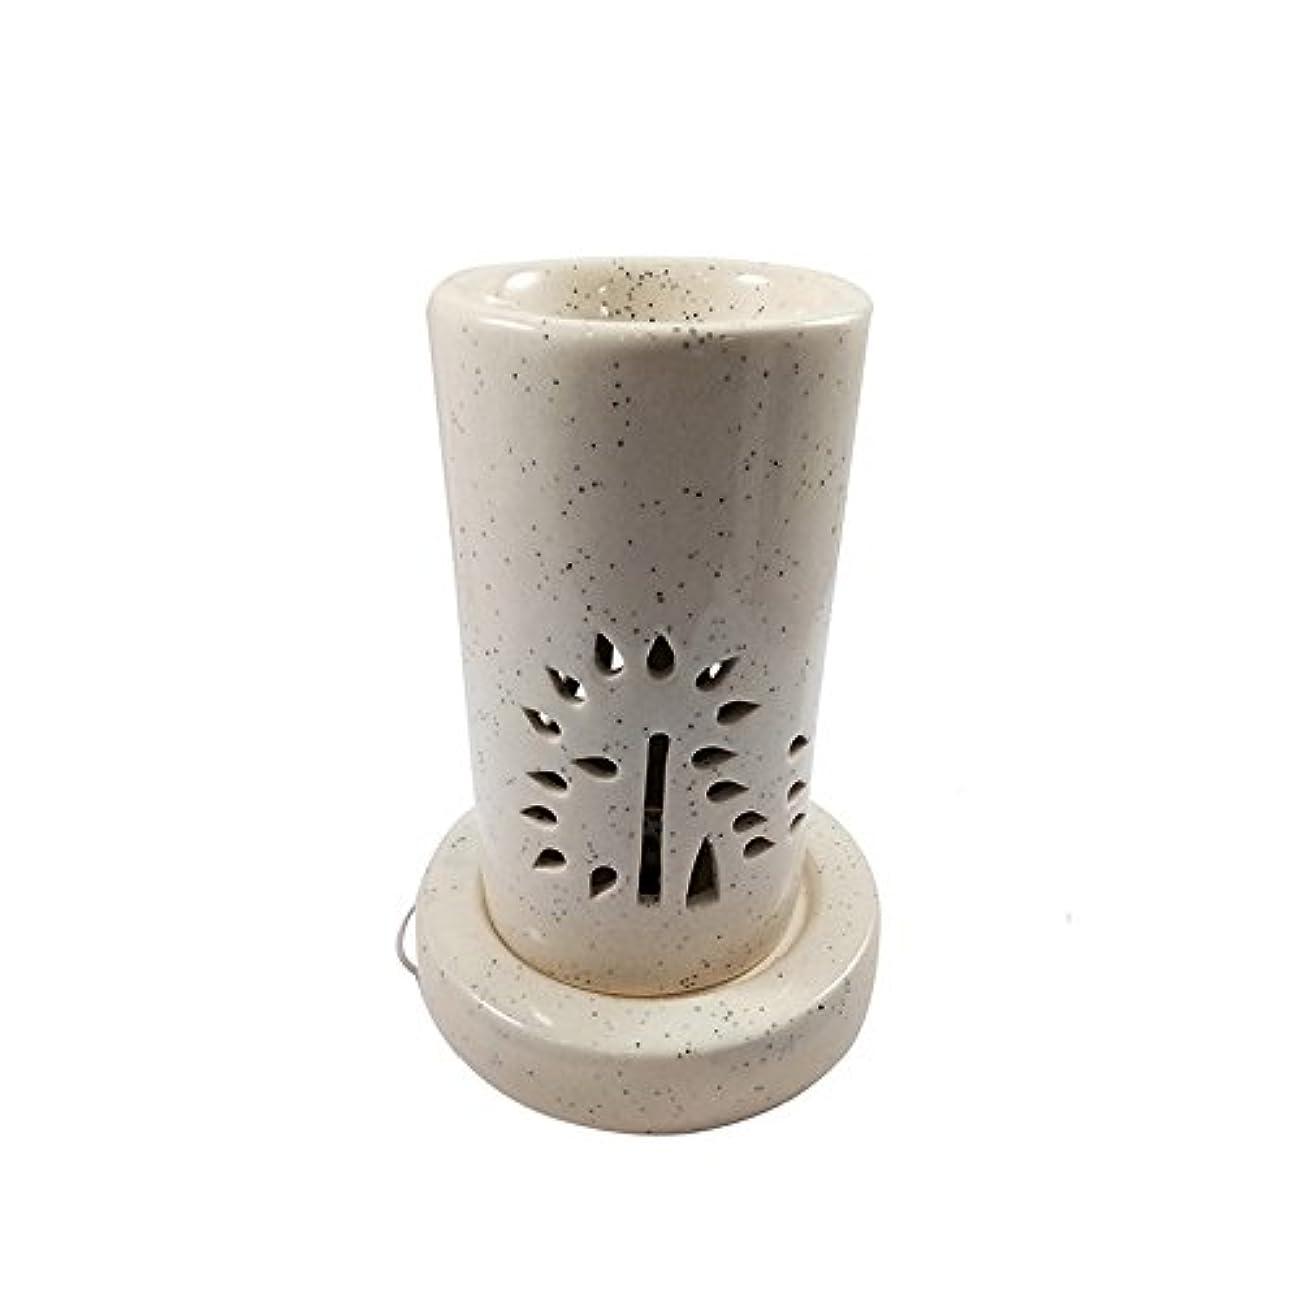 役員策定するレオナルドダホームデコレーション定期的に使用する汚染のない手作りセラミックエスニックアロマディフューザーオイルバーナー|良質ブラウン色電気アロマテラピー香油暖かい数量1